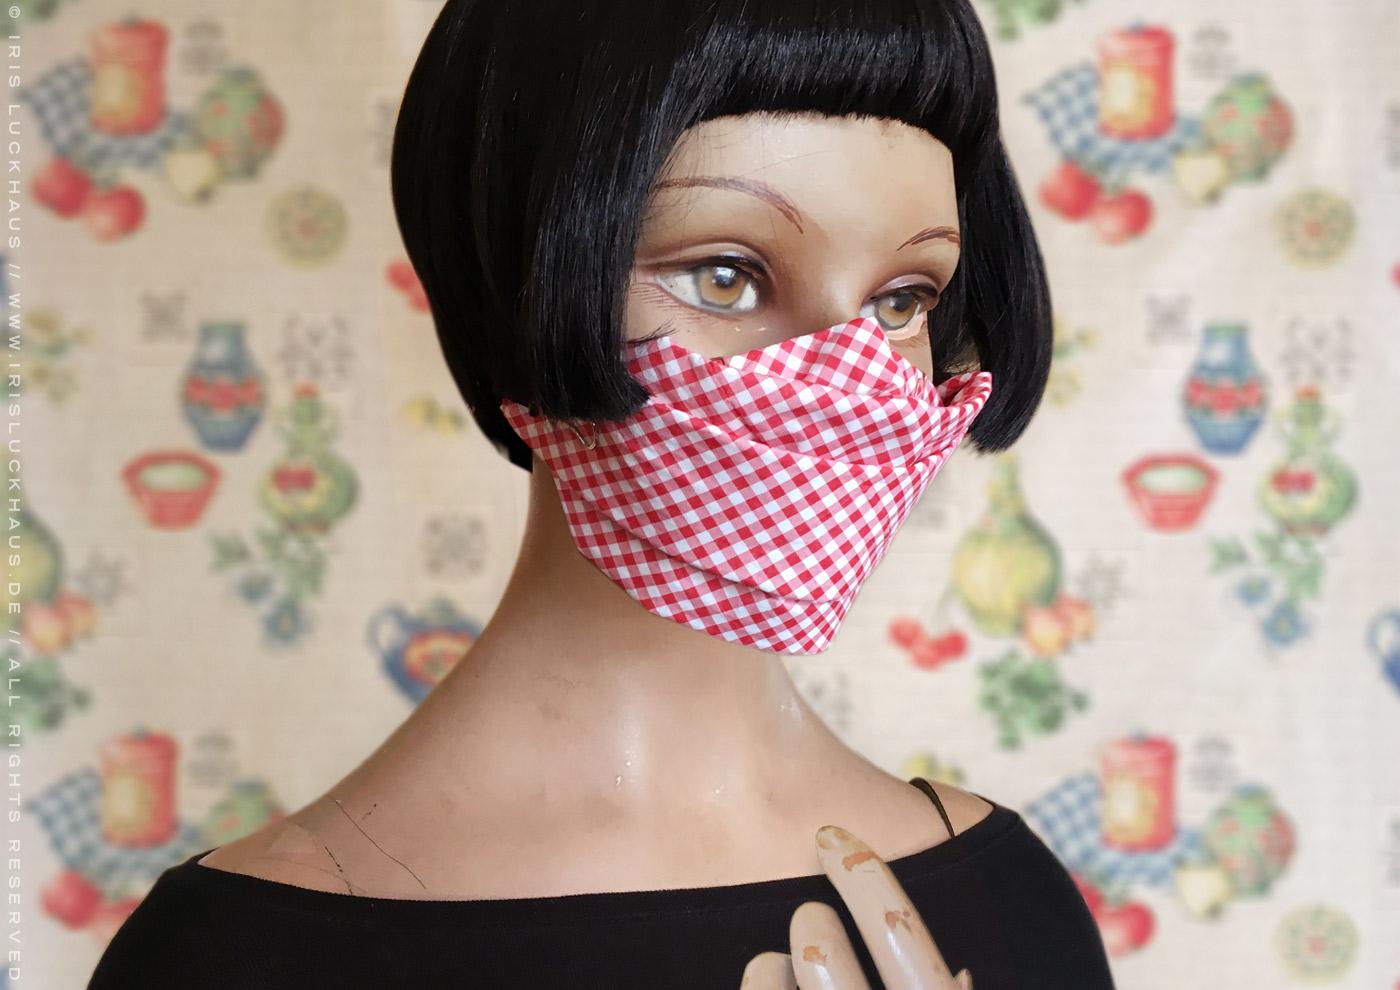 Behelfsmaske, Alltagsmaske, Notfallmaske, Mundmaske, Mund-Nase-Maske oder Papiermaske zum Selberbasteln ohne Nähen mit Anleitung und Schnittmuster zum Basteln mit Servietten, Büroklammern, Papierhandtuch, Papiertaschentuch und Gummiring von Iris Luckhaus